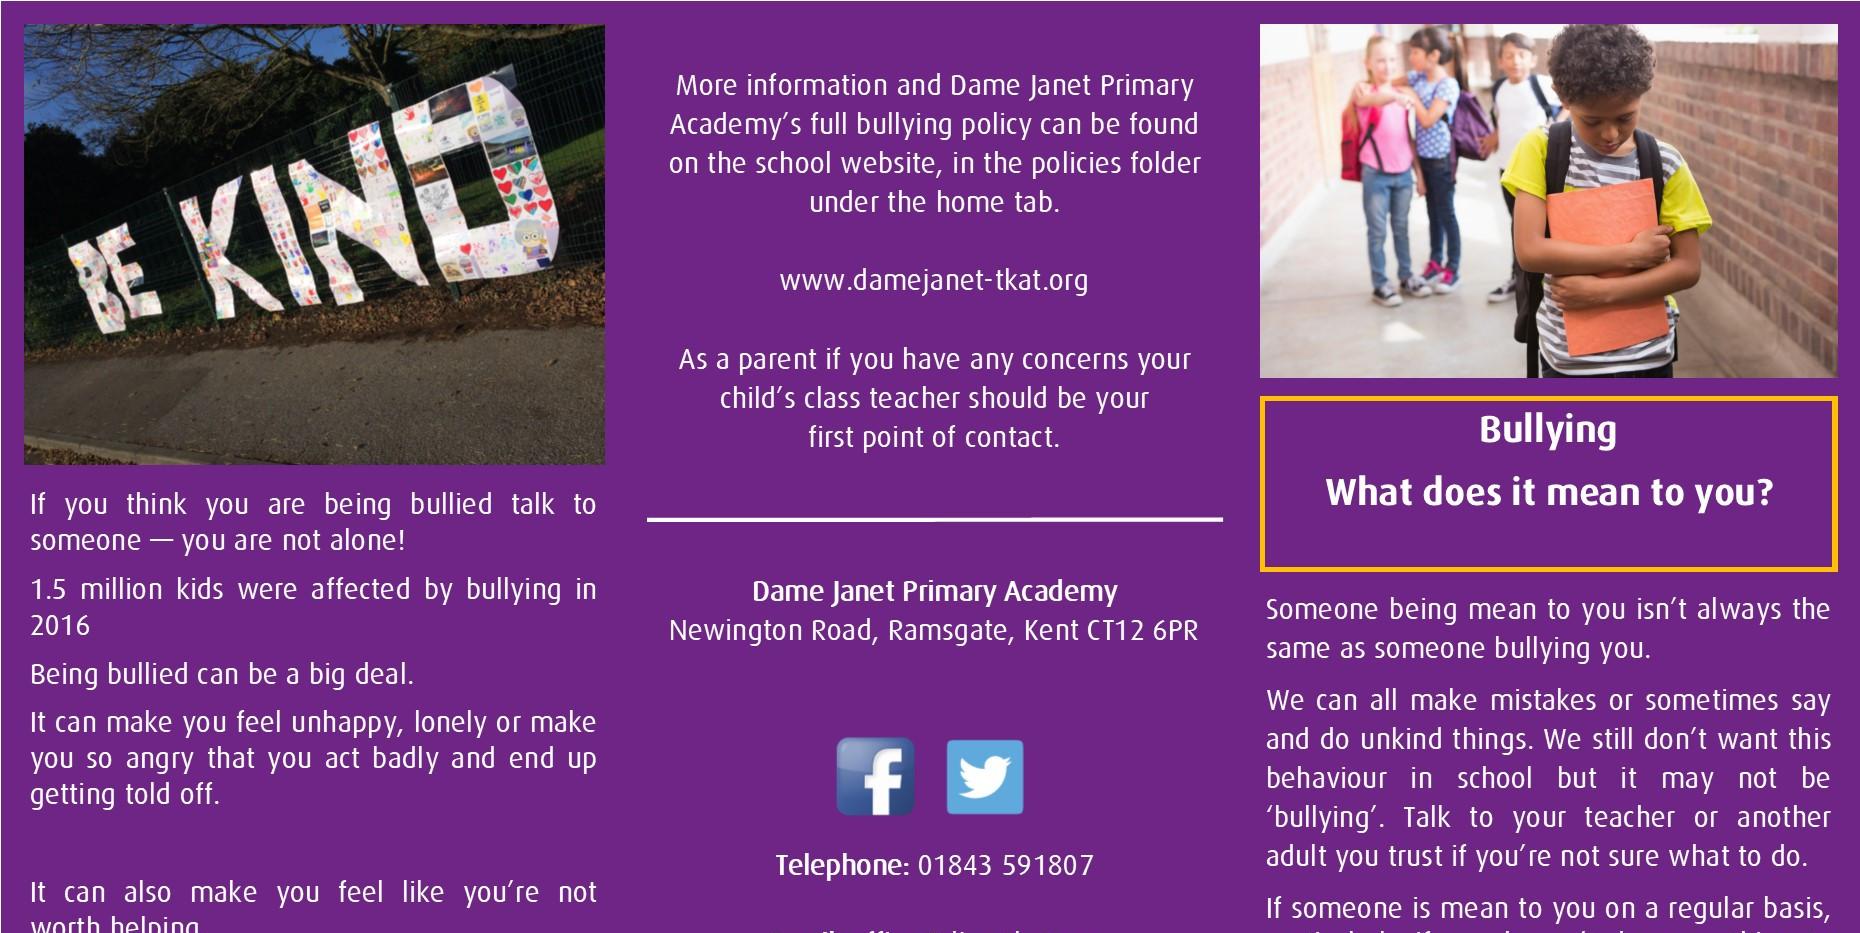 bullying leaflet 2018 1.jpg